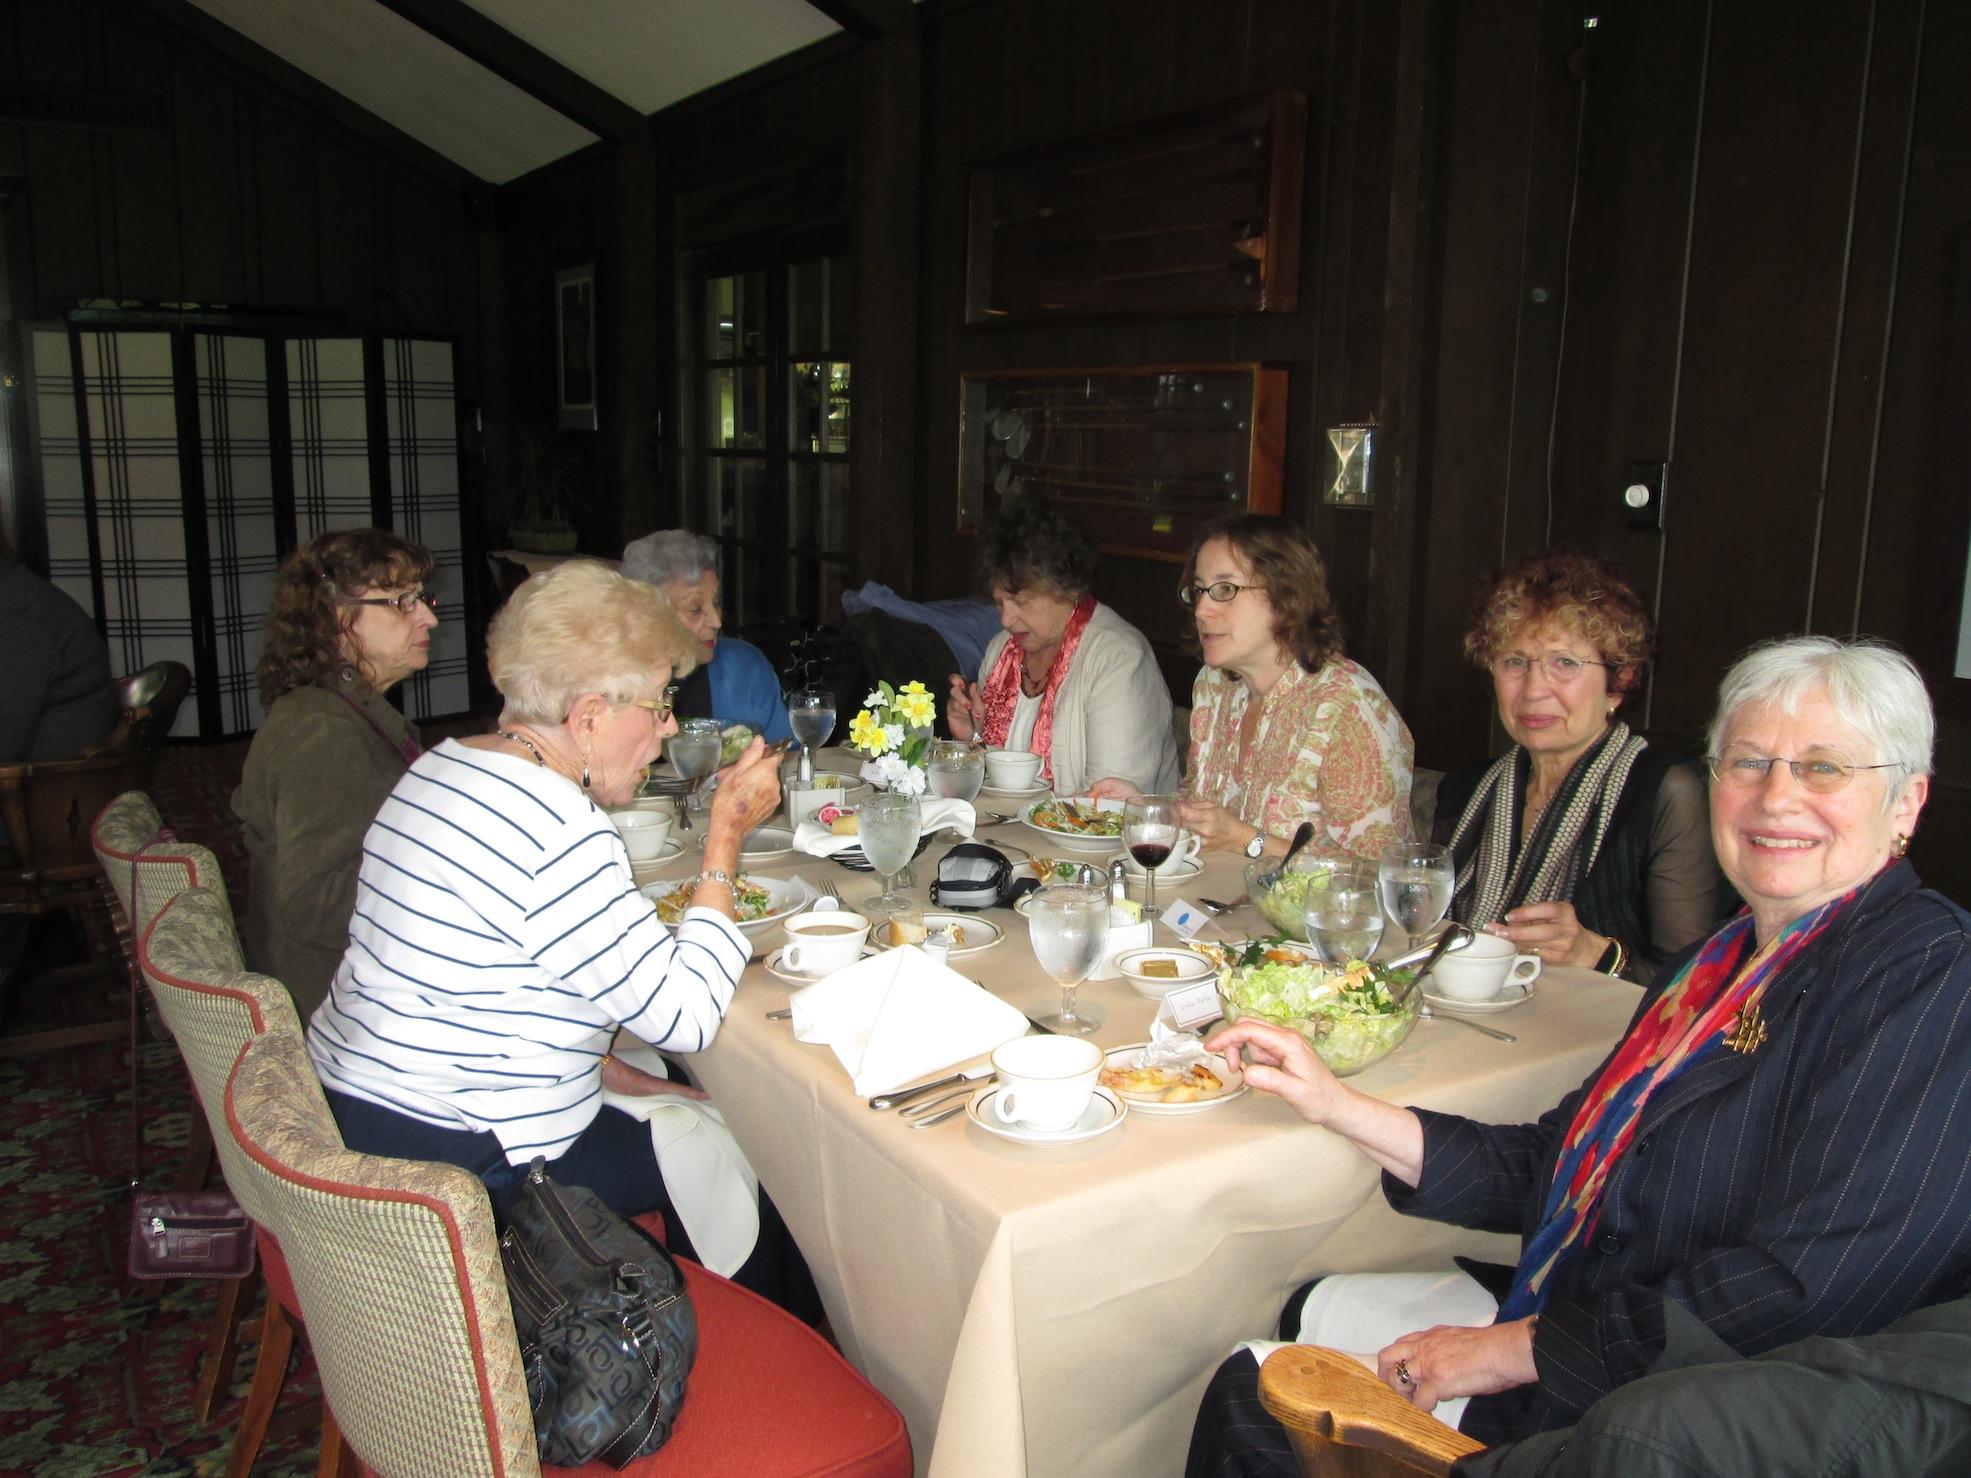 Regional Meeting with Nancy Kaufman3_Nov 8, 2012.JPG